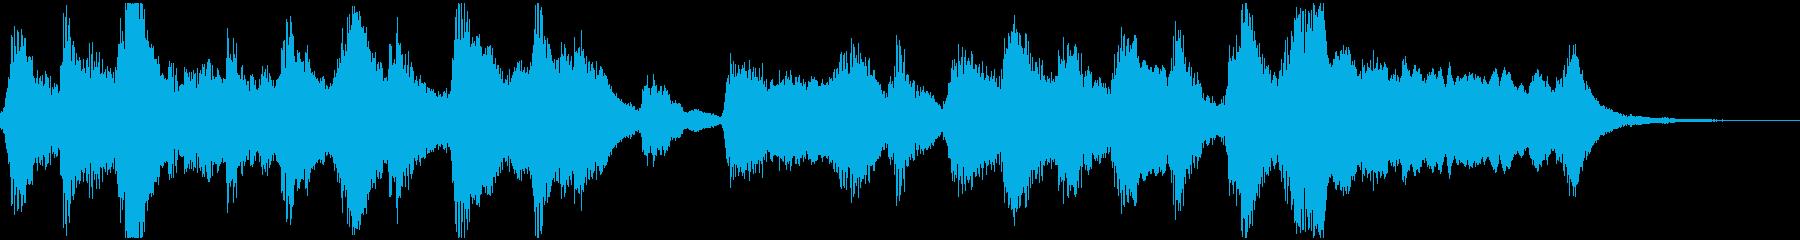 バイオリンと管弦楽のほのぼのジングルの再生済みの波形